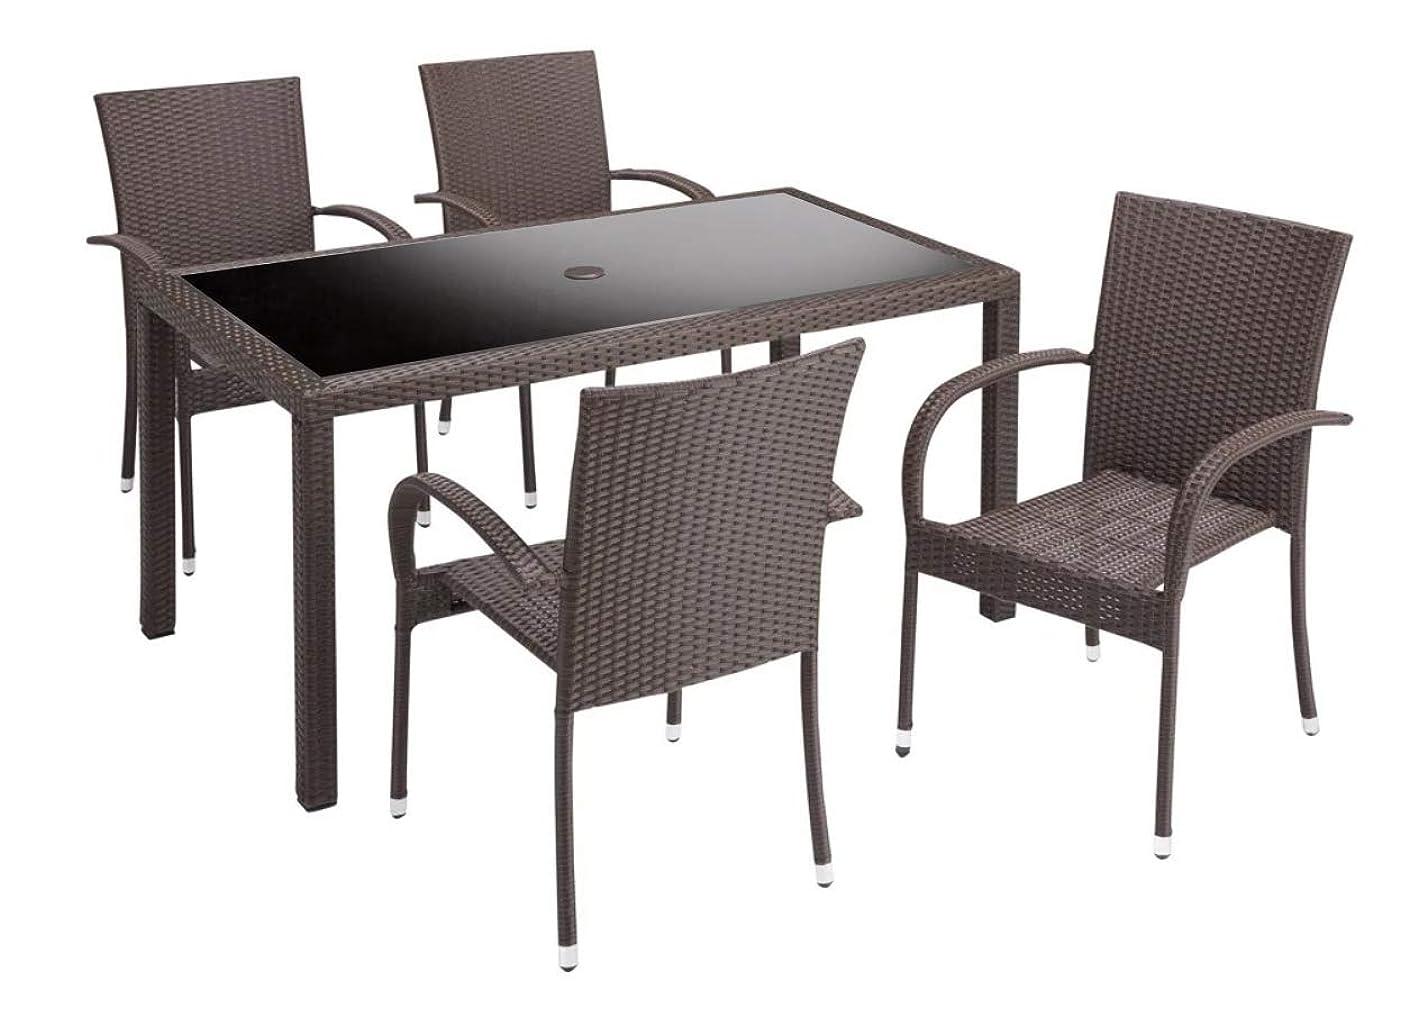 お母さんアクセル発動機高級人工ラタン テーブルチェア 5点セット ダイニングセット ガーデンファニチャー 21BT-S5D (ブラウン)